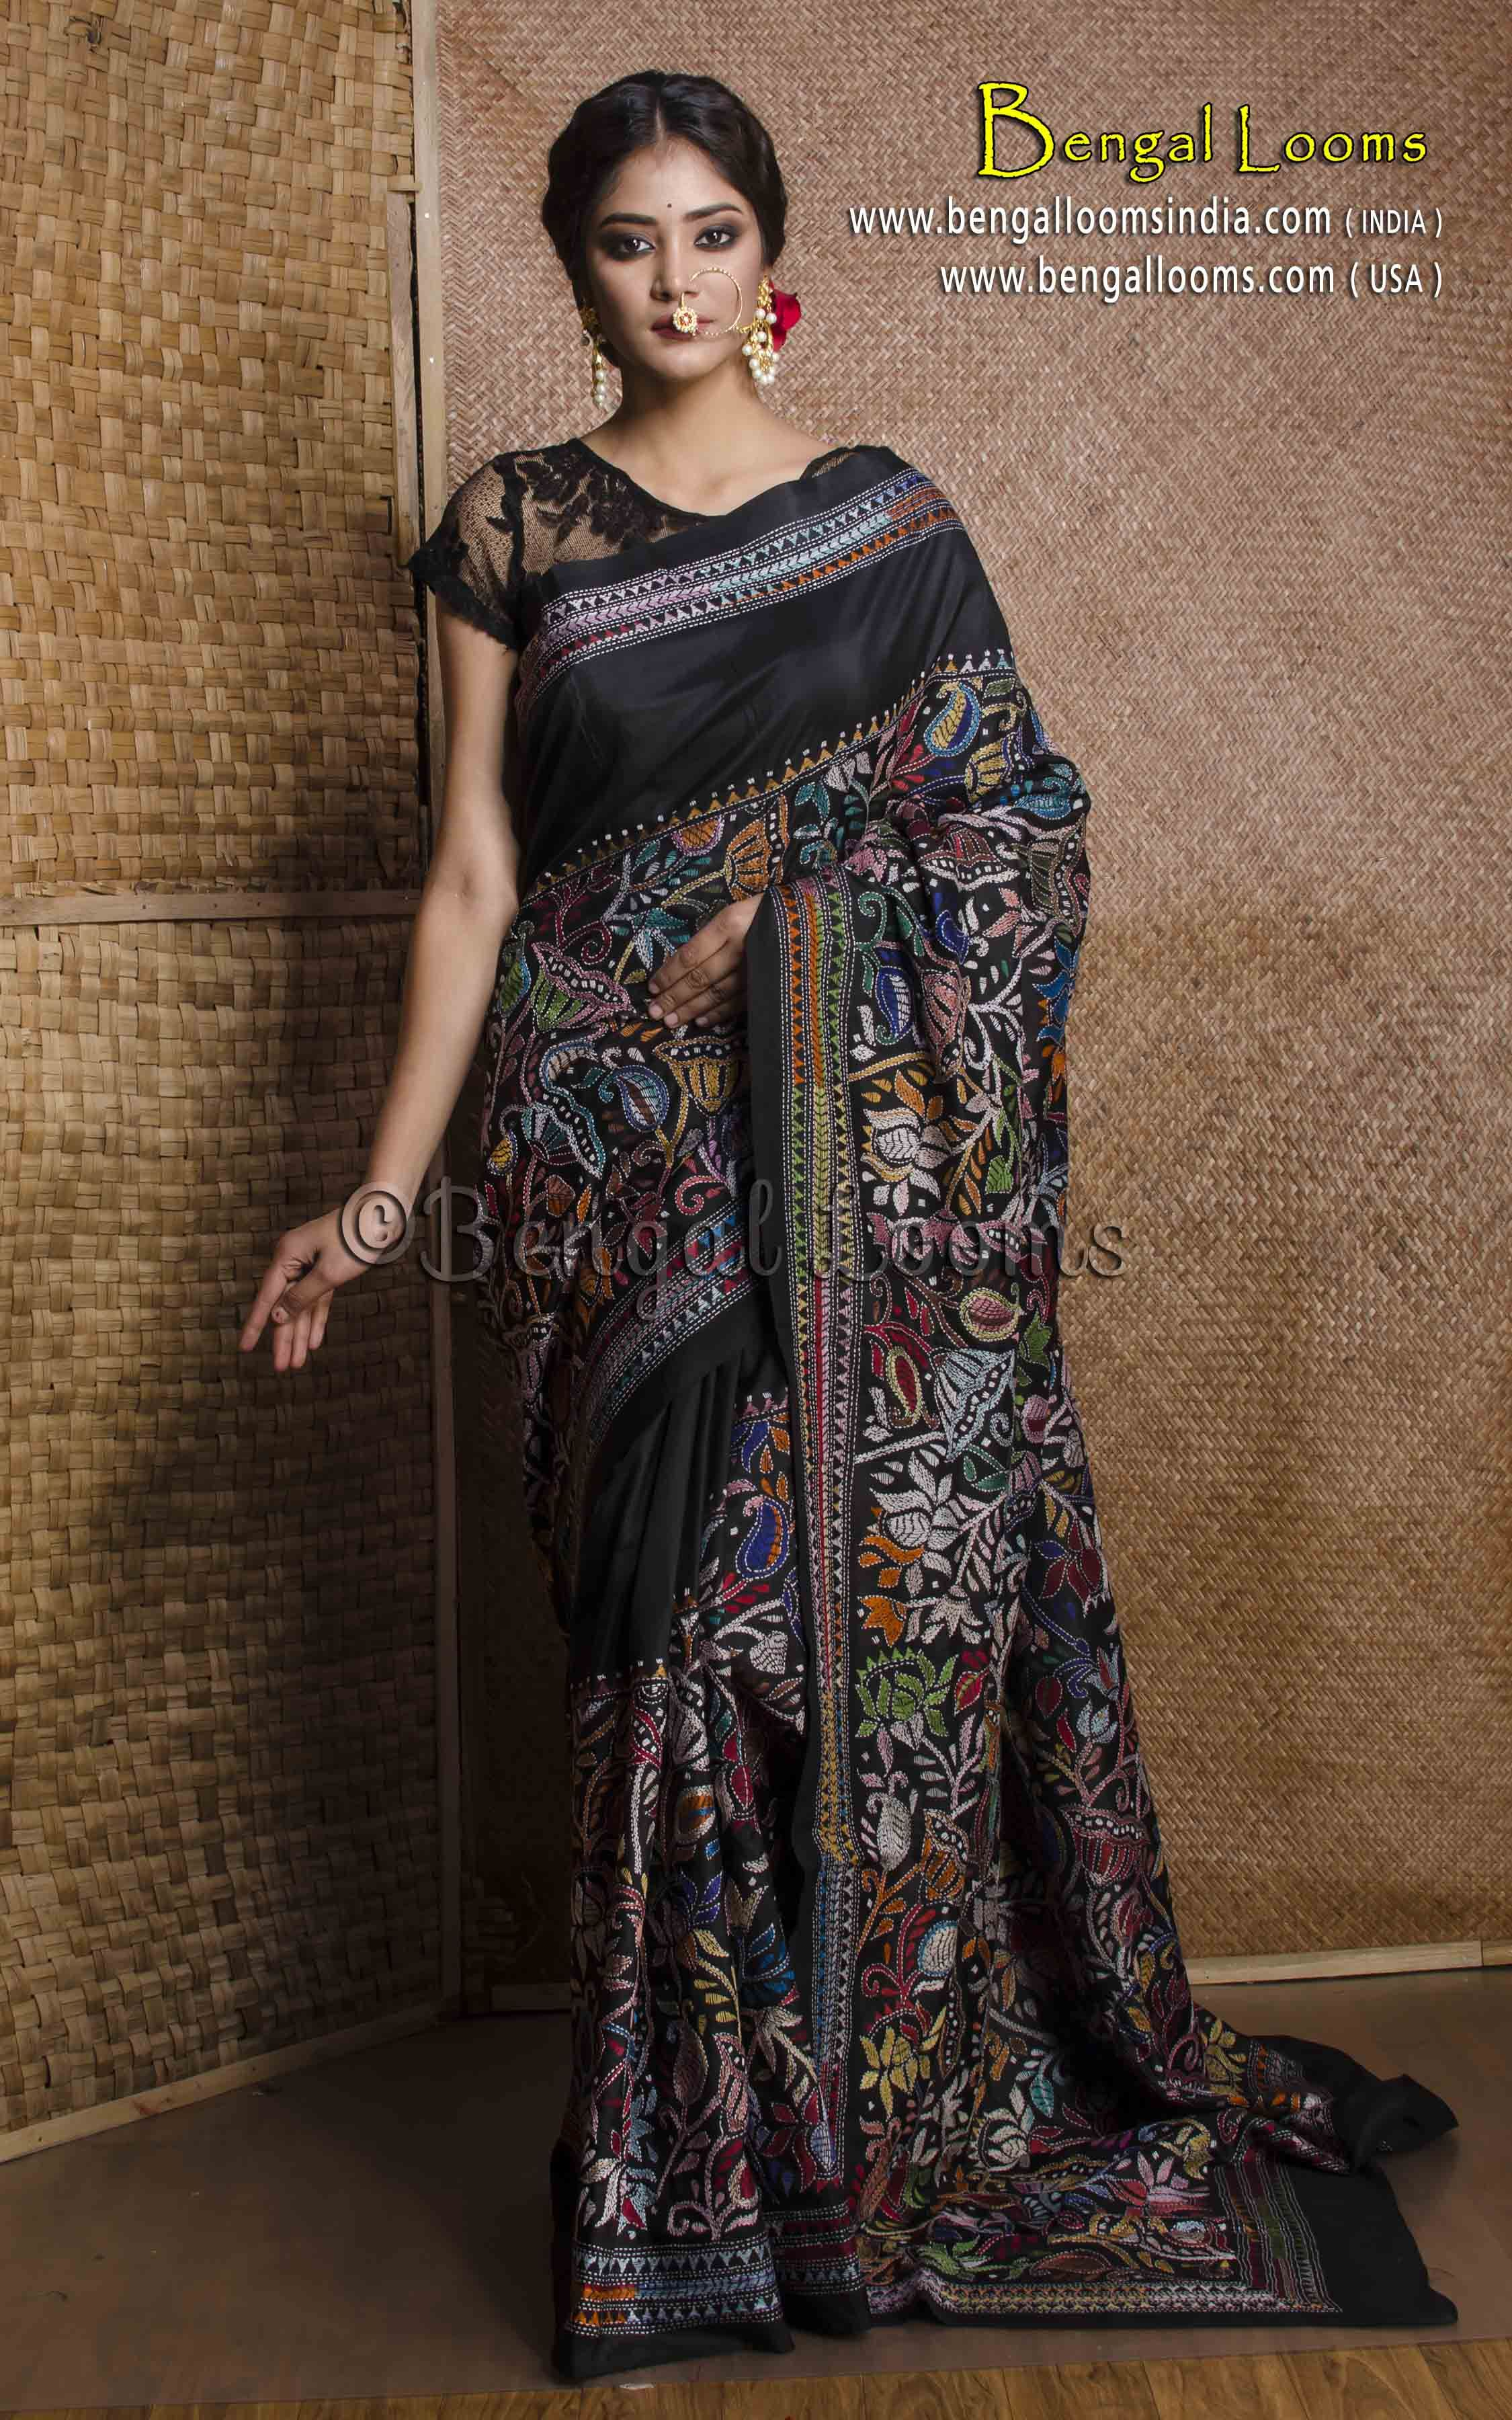 fc684d7001 Hand Work Kantha Stitch Saree on Pure Silk in Black   Kantha Stitch ...